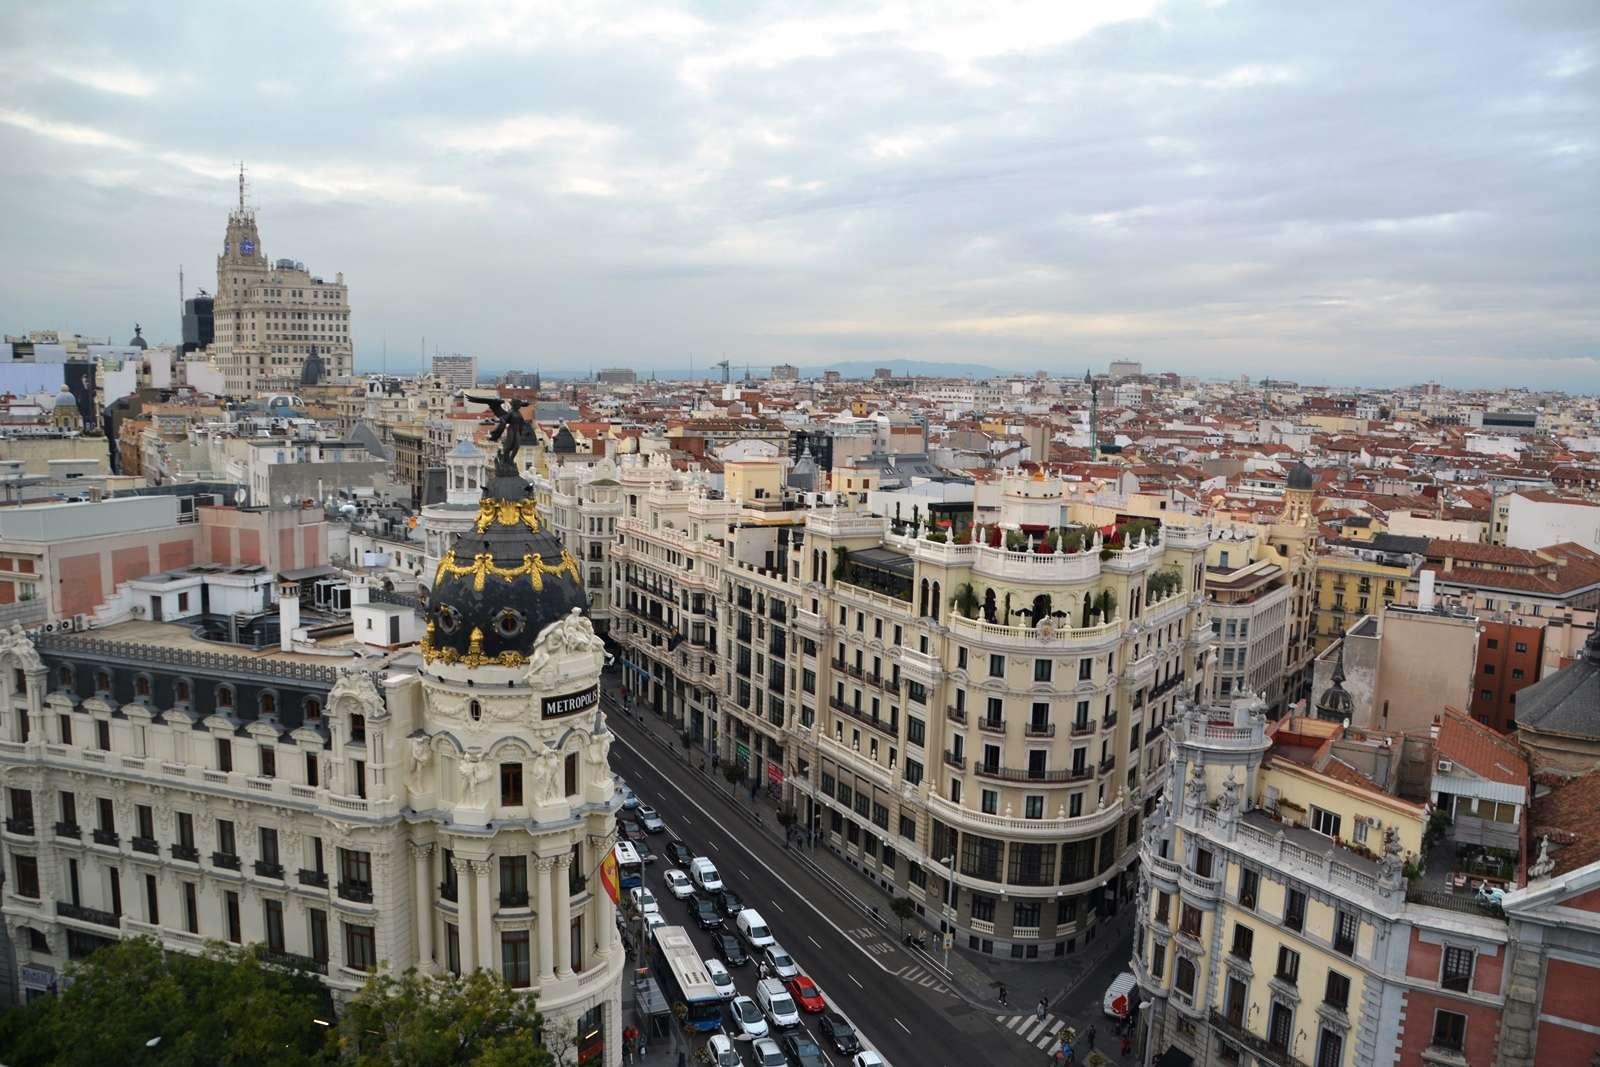 Madrid circulo de bellas artes roofstop credit-cba 2